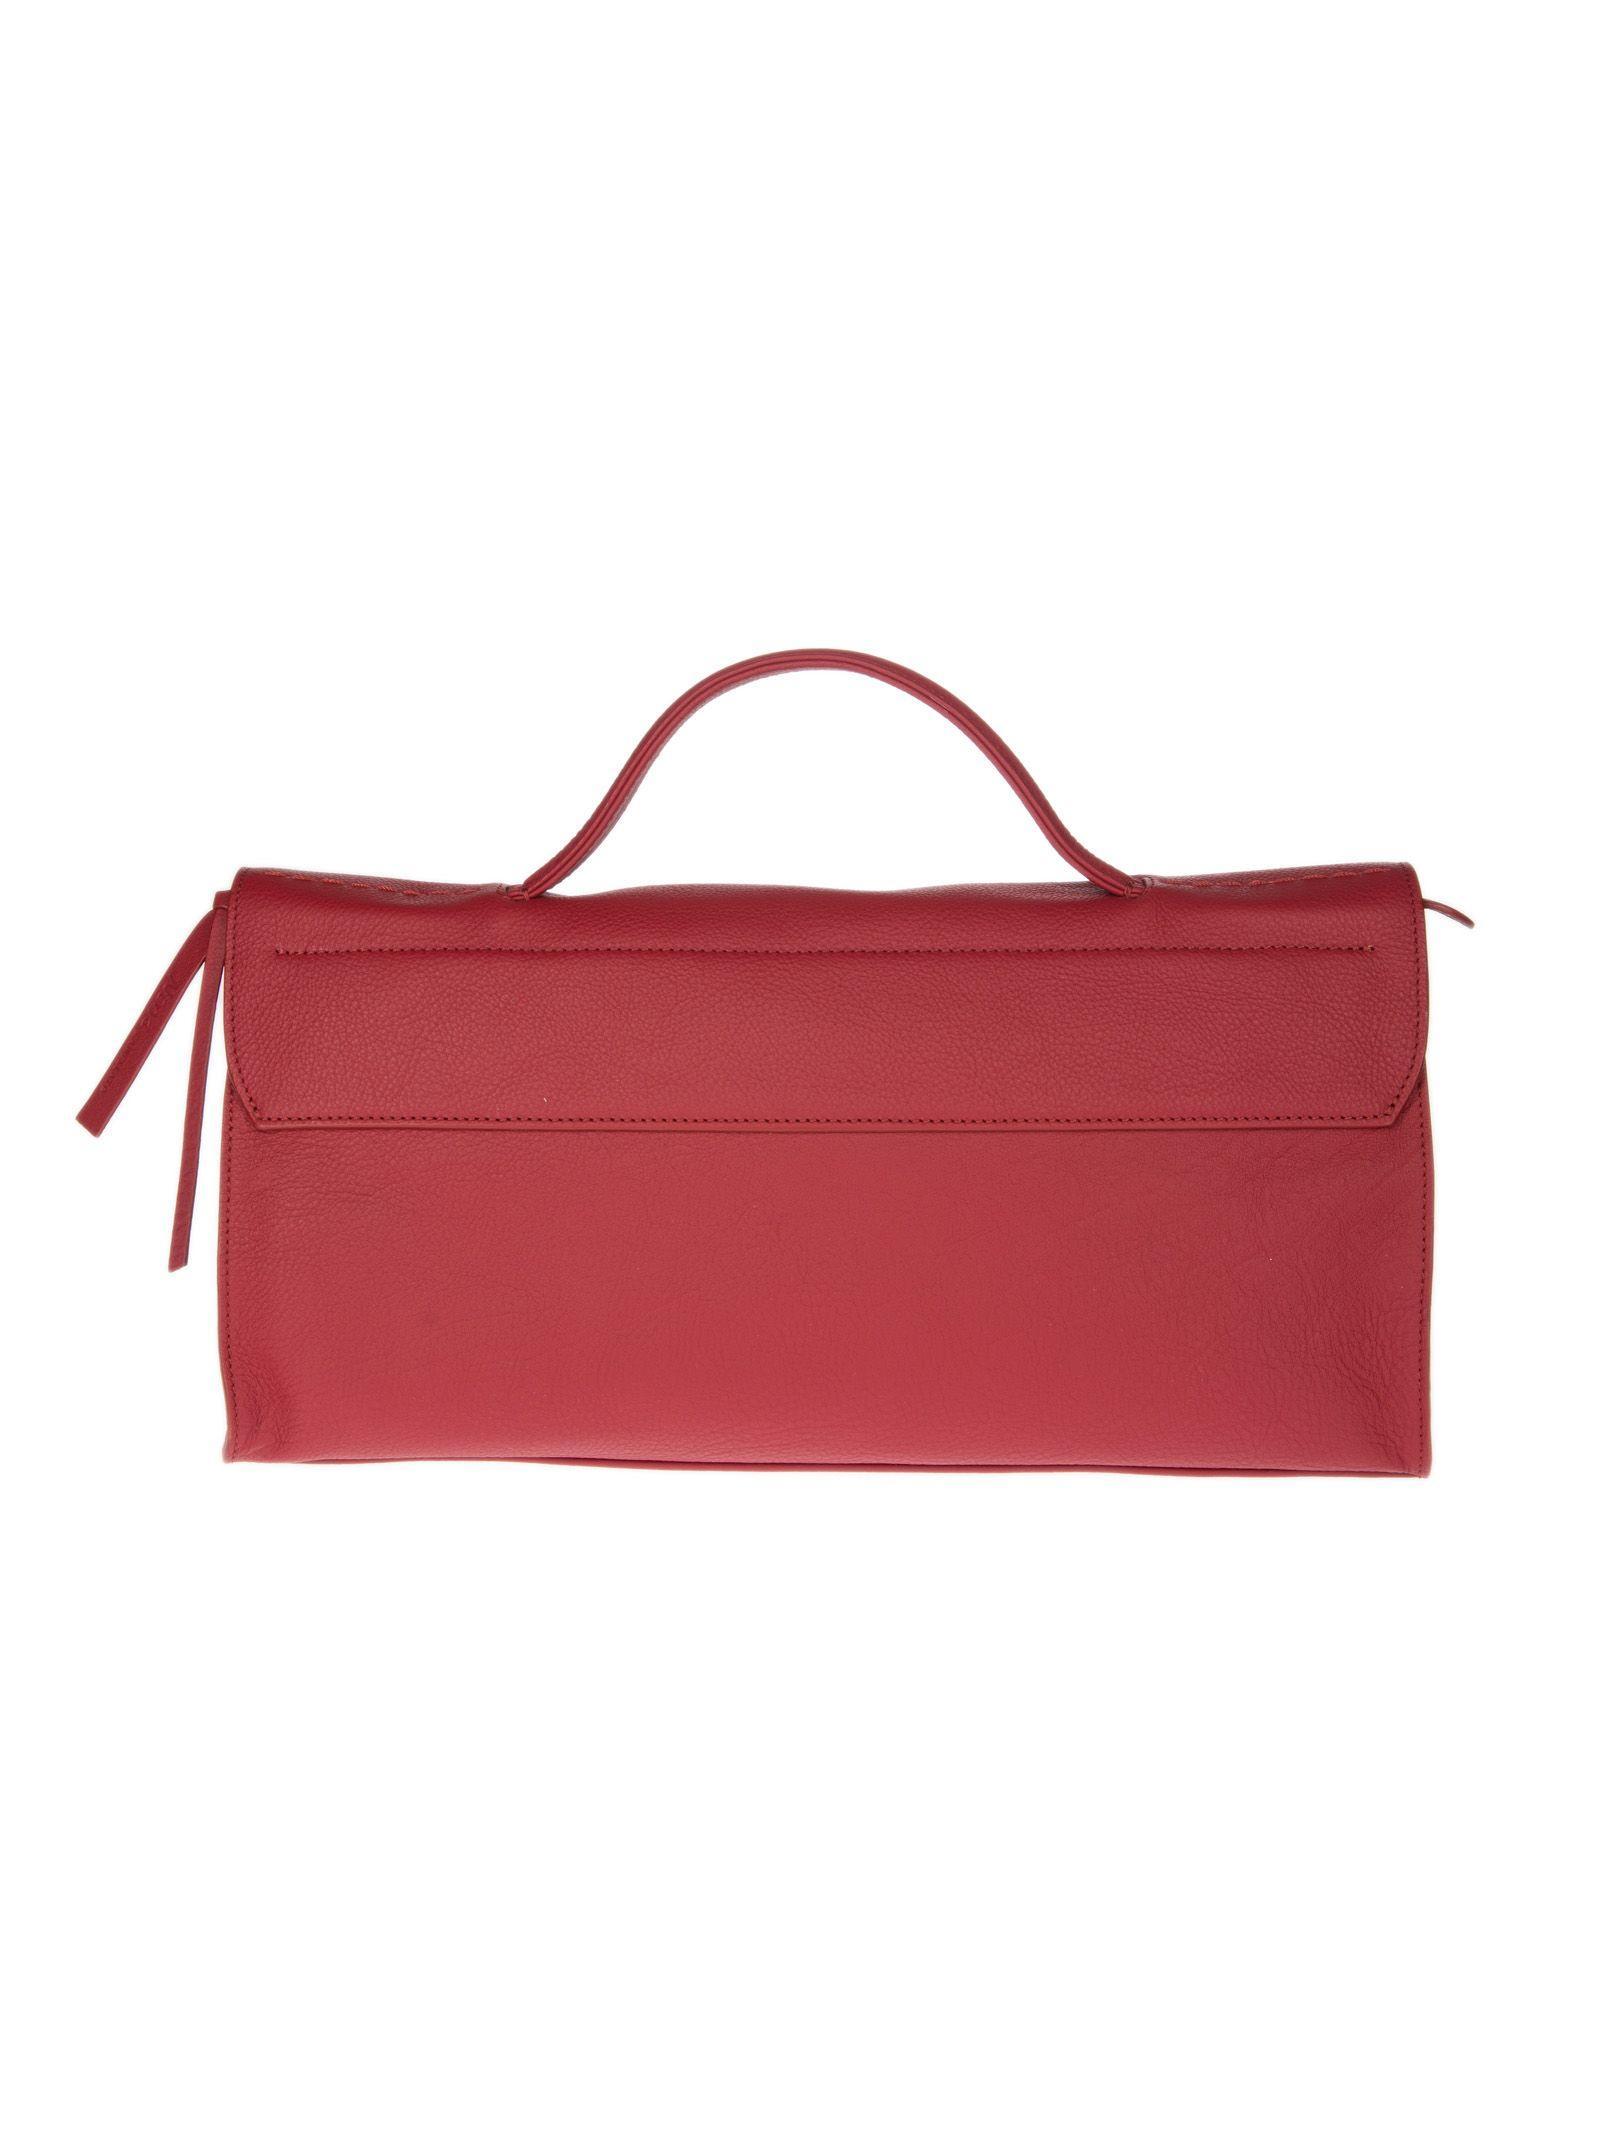 Zanellato Nina Tote In Red